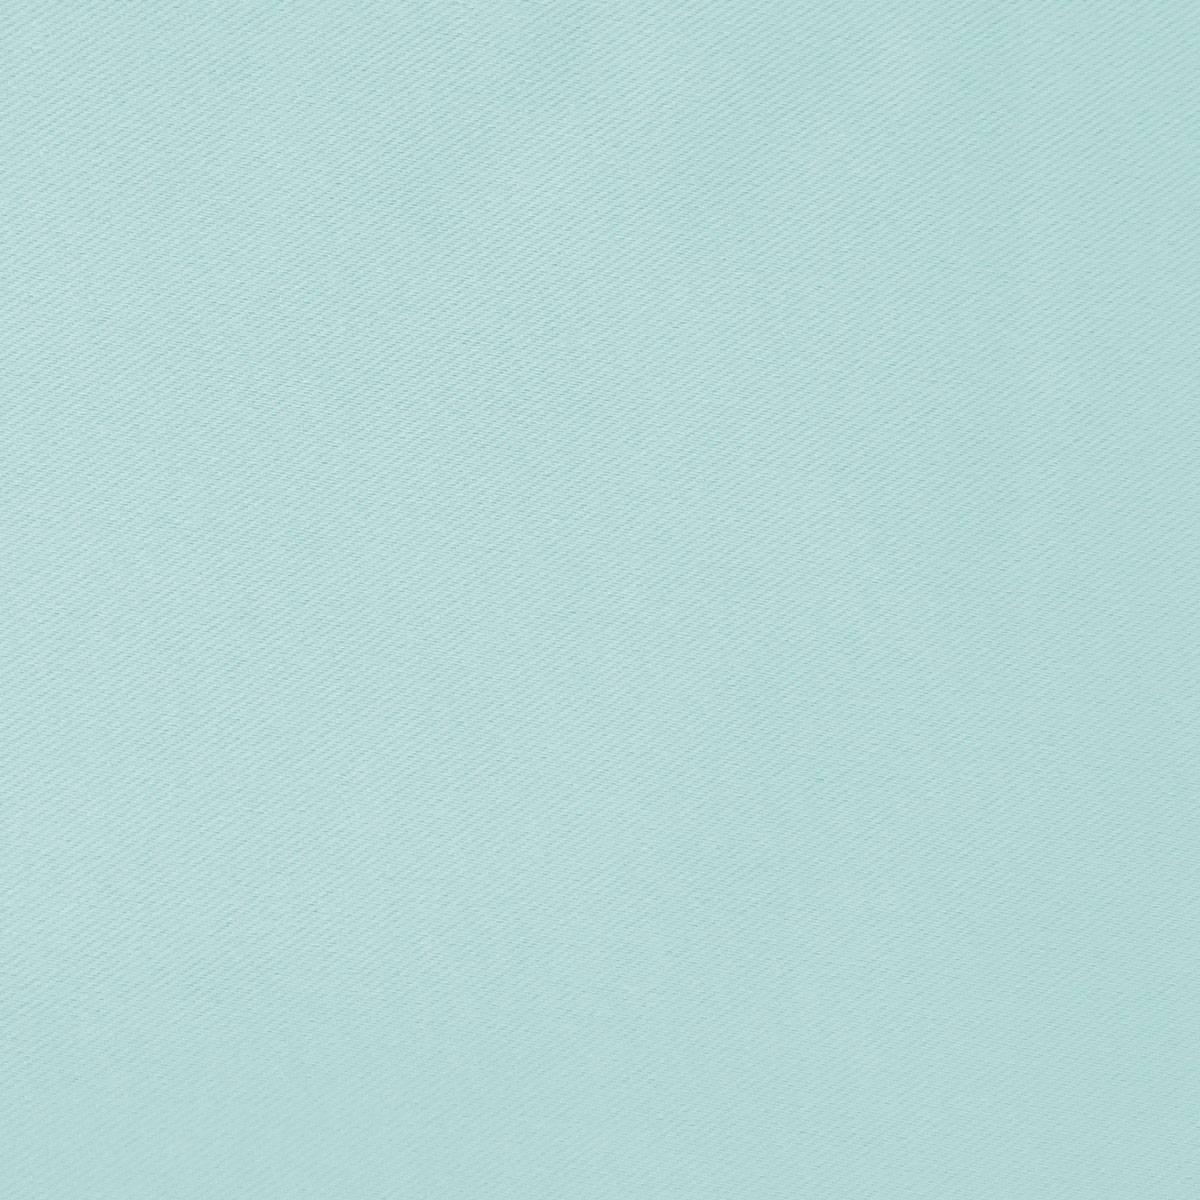 10x10cm detail dimmout-blickdichter vorhang pastellblau hell nach, Deko ideen